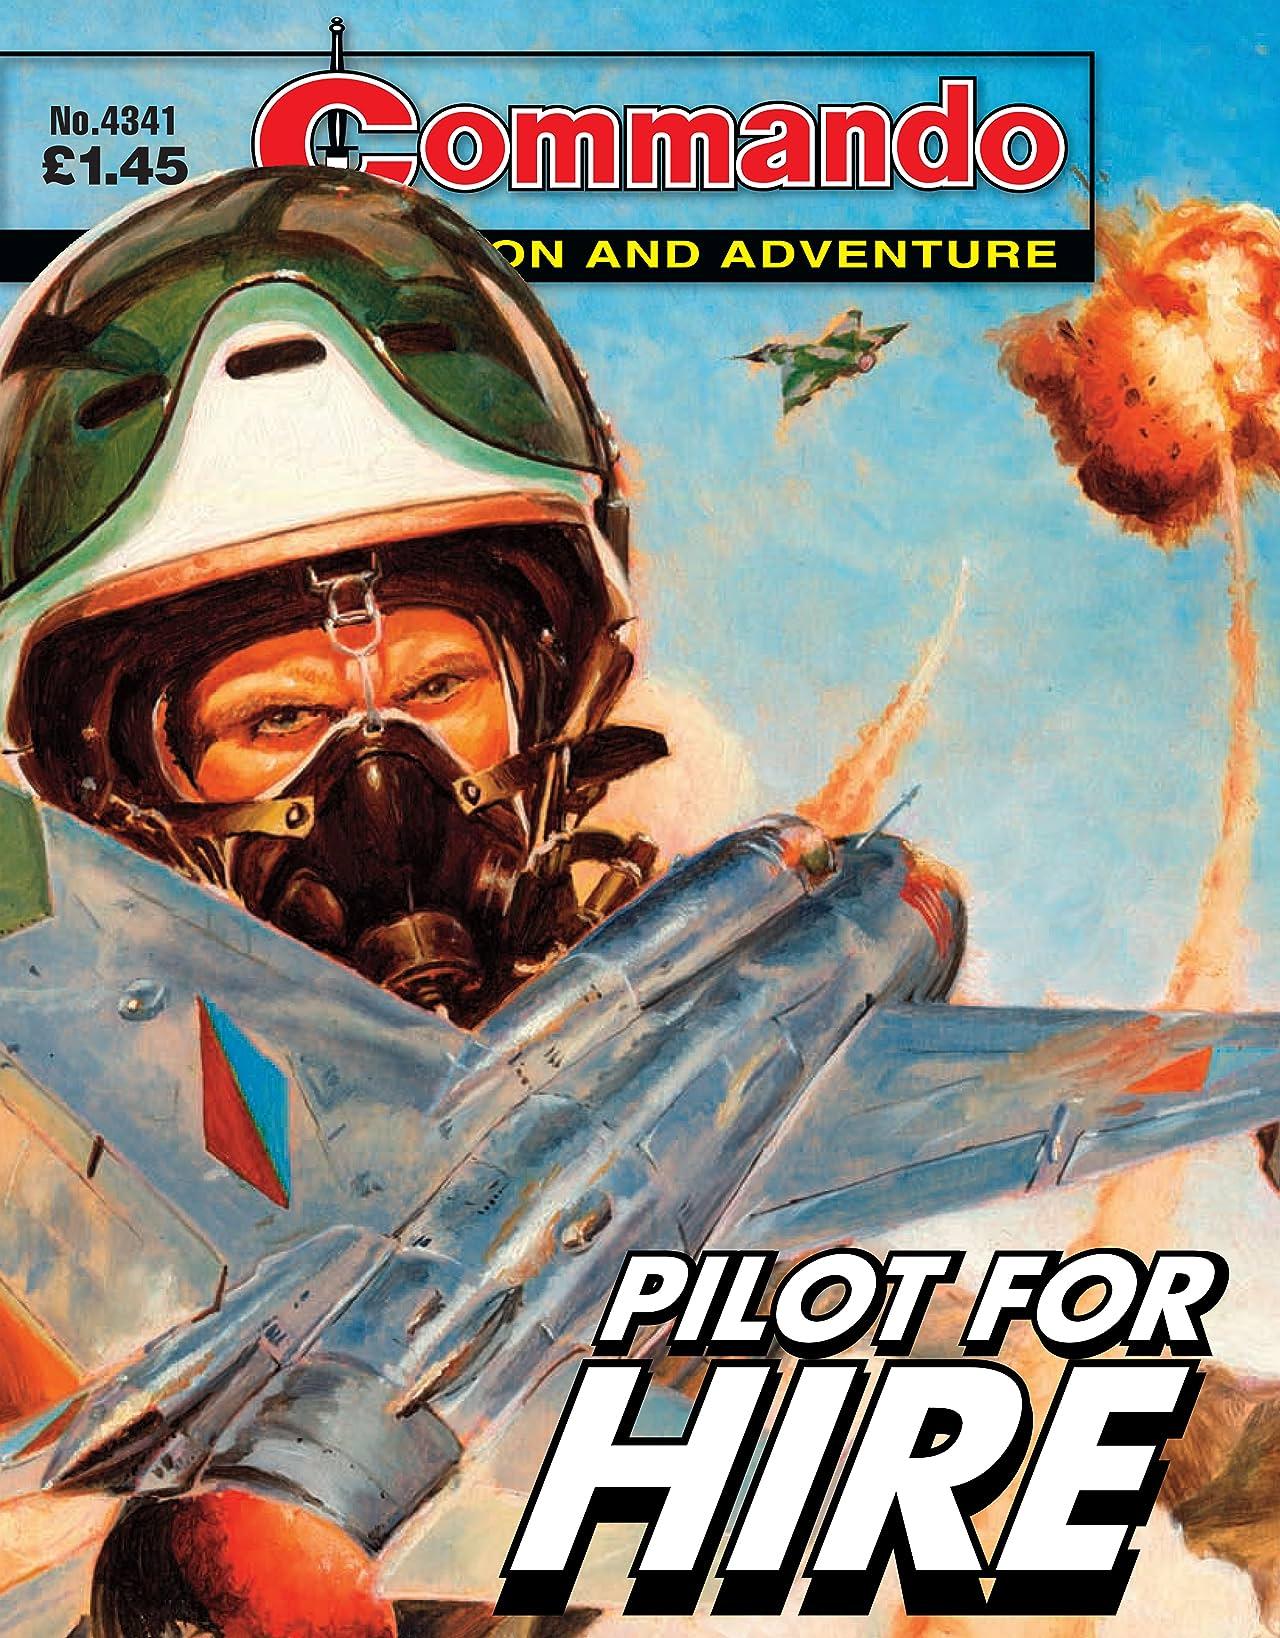 Commando #4341: Pilot For Hire